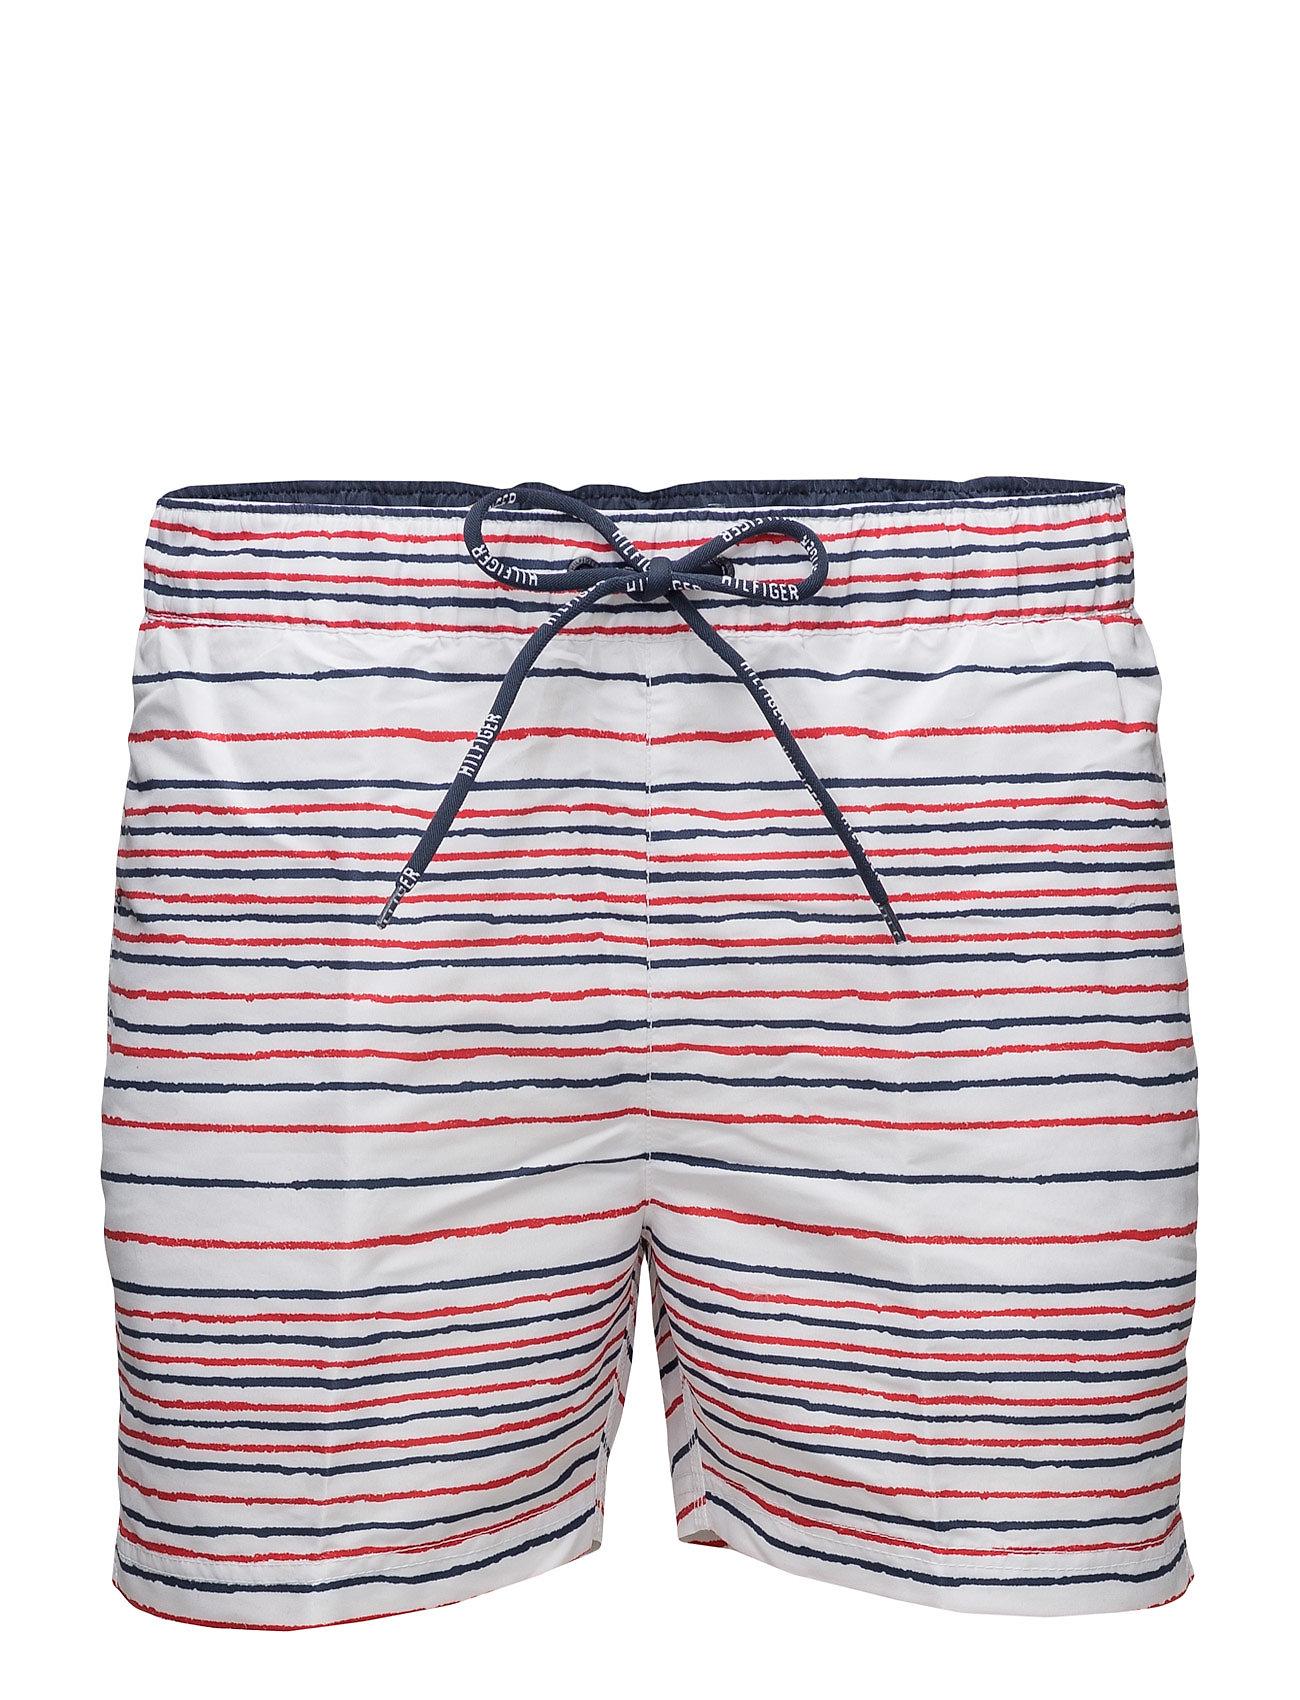 Thdm All Over Print Swimshort 21 Hilfiger Denim Shorts til Herrer i